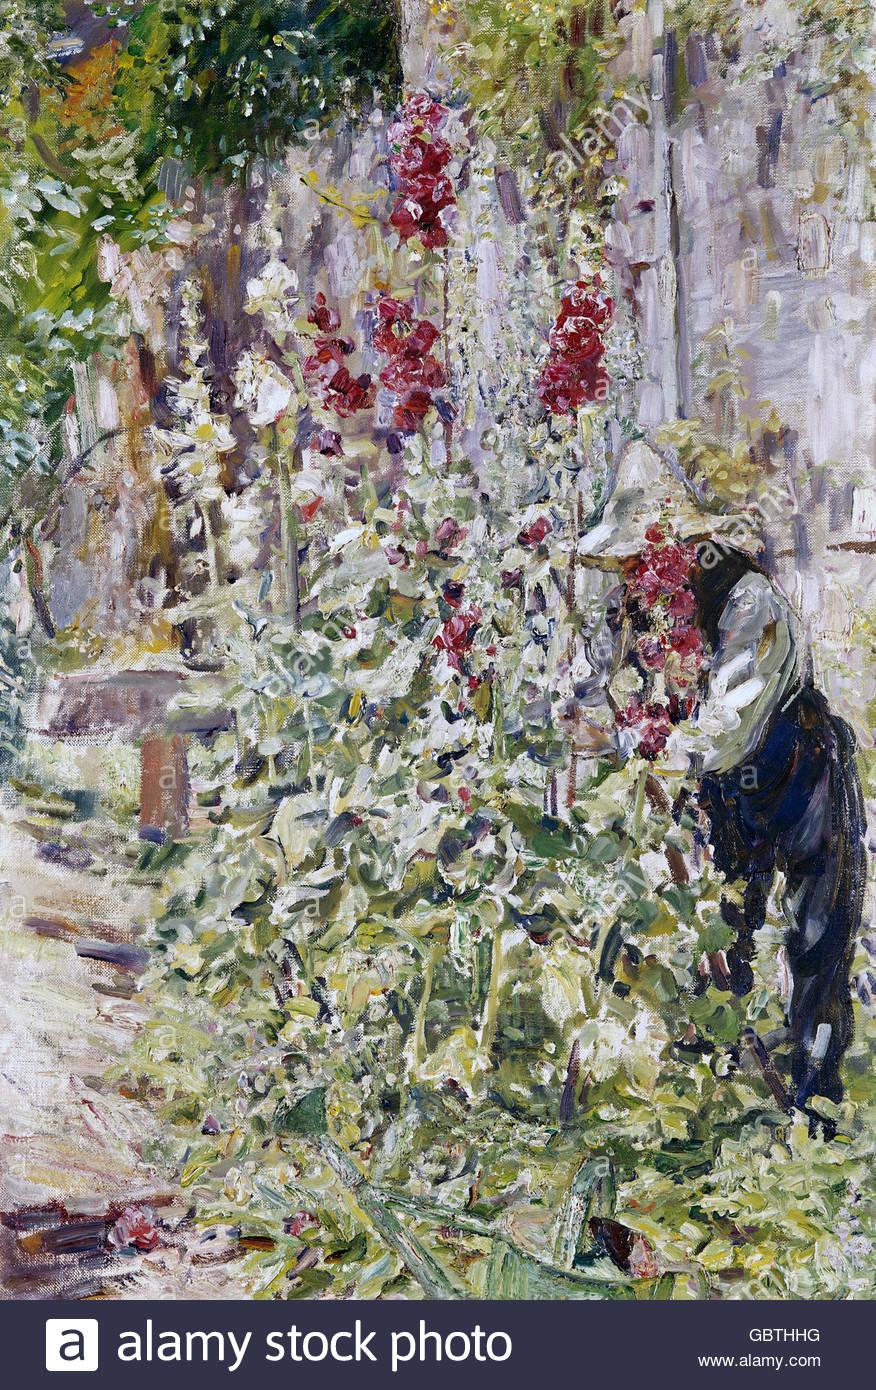 Belle arti, Slevogt, Max (8.10.1868 - 20.9.1932), la pittura 'Der Malvengaertner' (il giardiniere Hollyhock), Immagini Stock